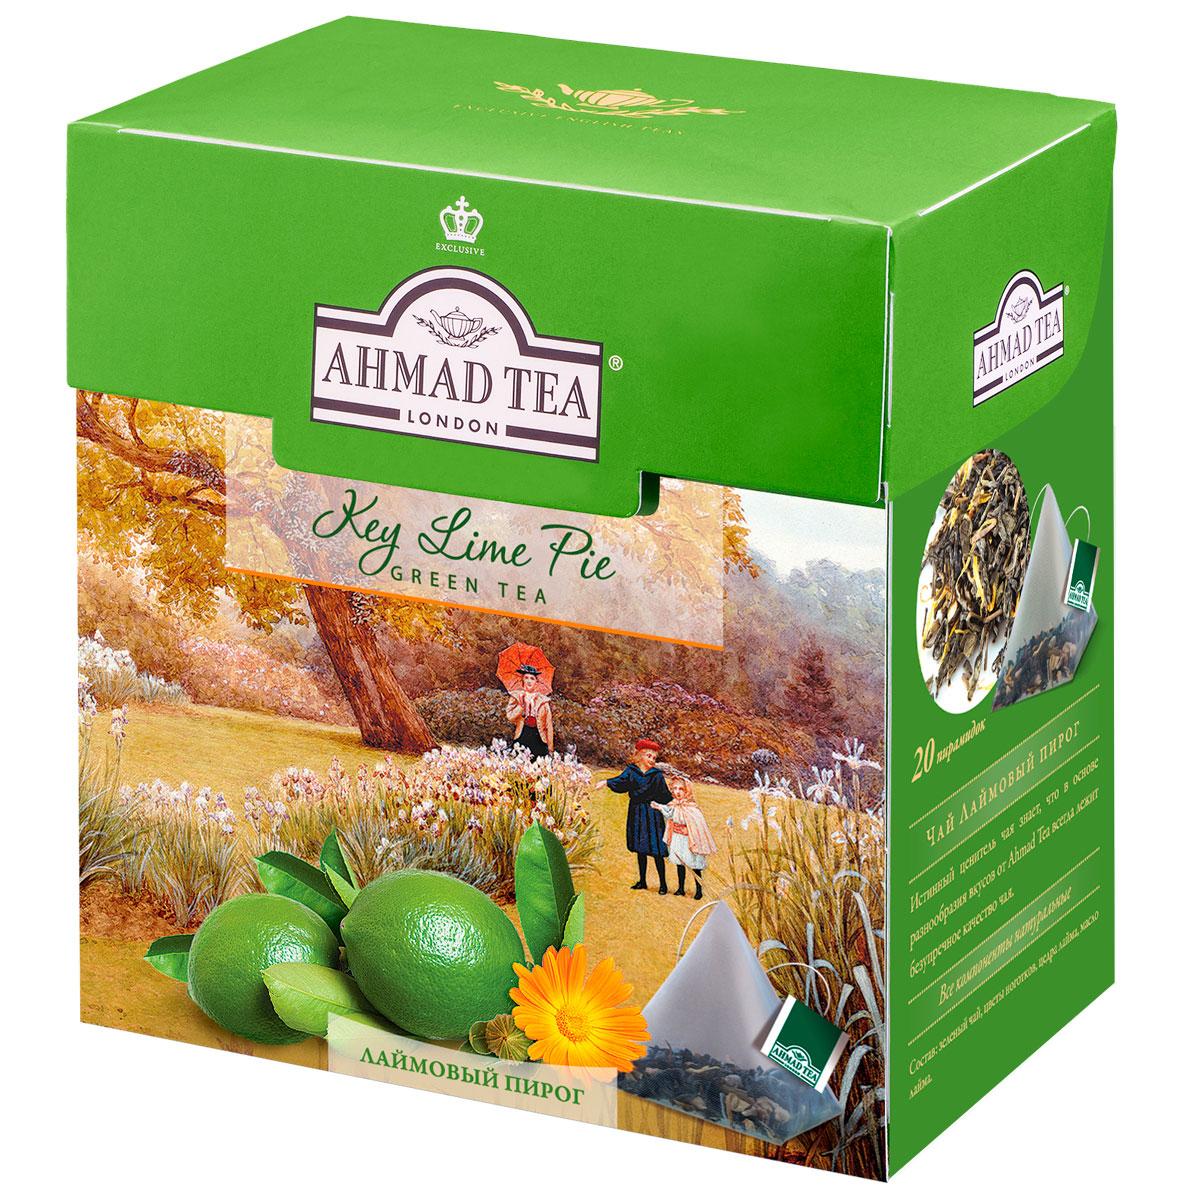 Ahmad Tea Lime Pie зеленый чай в пирамидках, 20 шт0120710Ароматный купаж зеленого чая Ahmad Lime Pie со вкусом лаймового пирога - обворожительная фантазия чайных сомелье на тему десертных композиций. Светлый настой золотистого цвета обладает освежающим ароматом садовых трав, традиционной сладостью китайского зеленого чая и сливочно-лаймовым послевкусием.Заваривать 4-6 минут, температура воды 90°С.